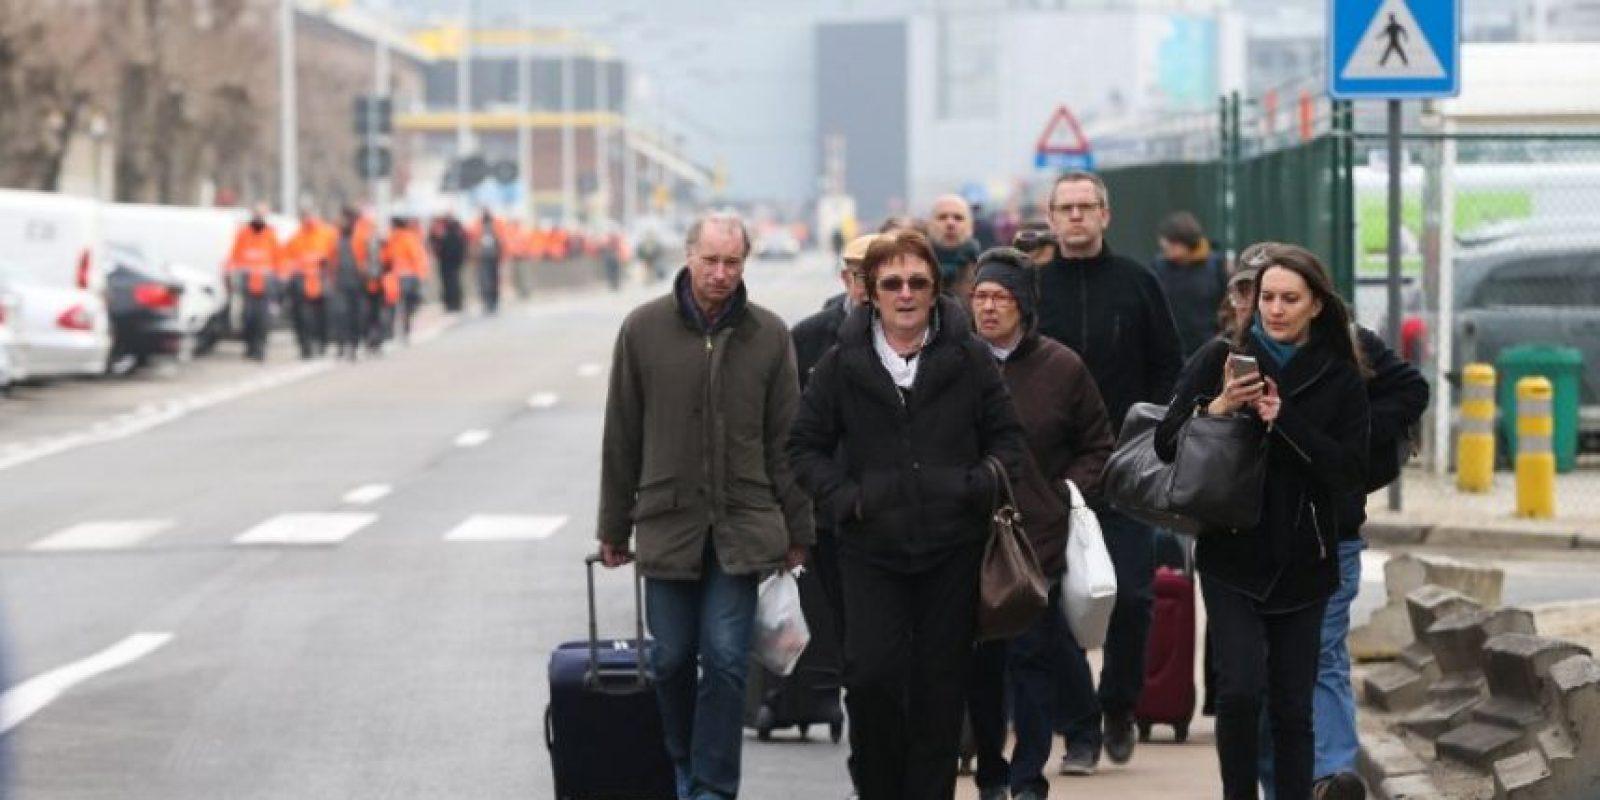 Debido a esta situación el gobierno ha elevado el nivel de alerta hasta cuatro, el máximo. Foto:AFP